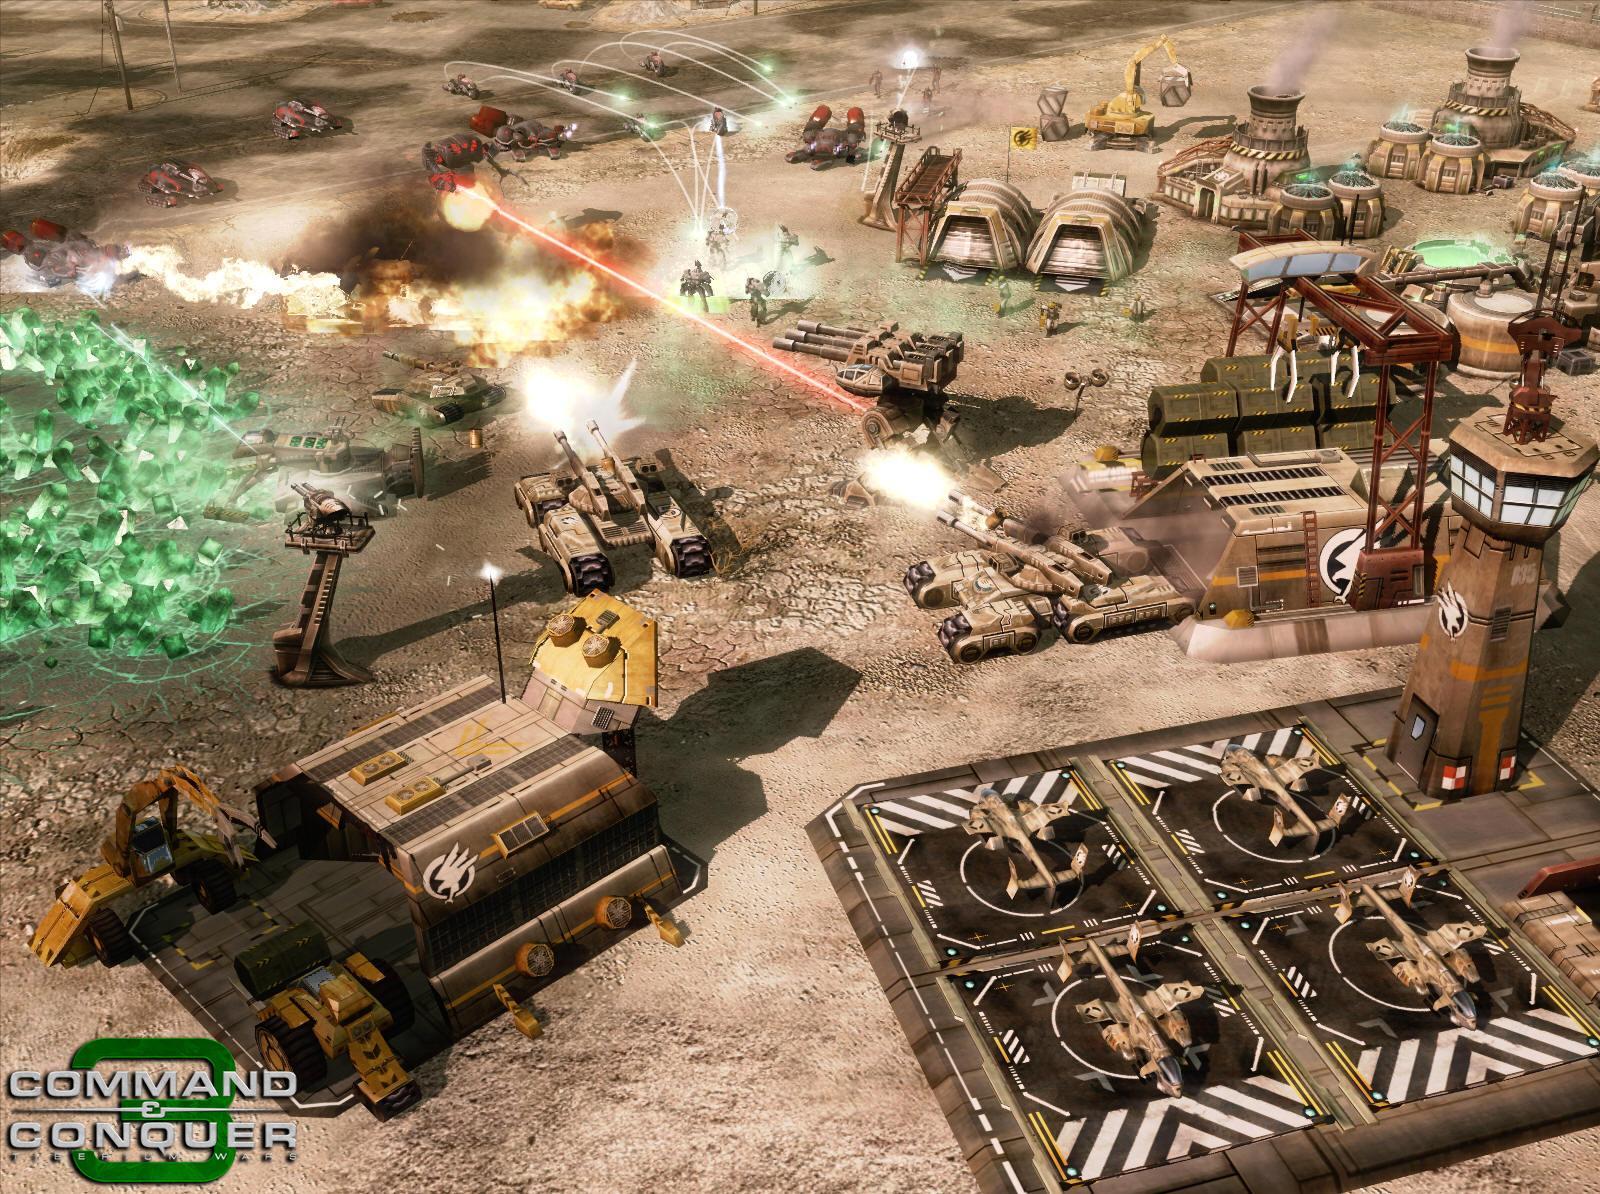 《命令与征服3》最新战斗画面